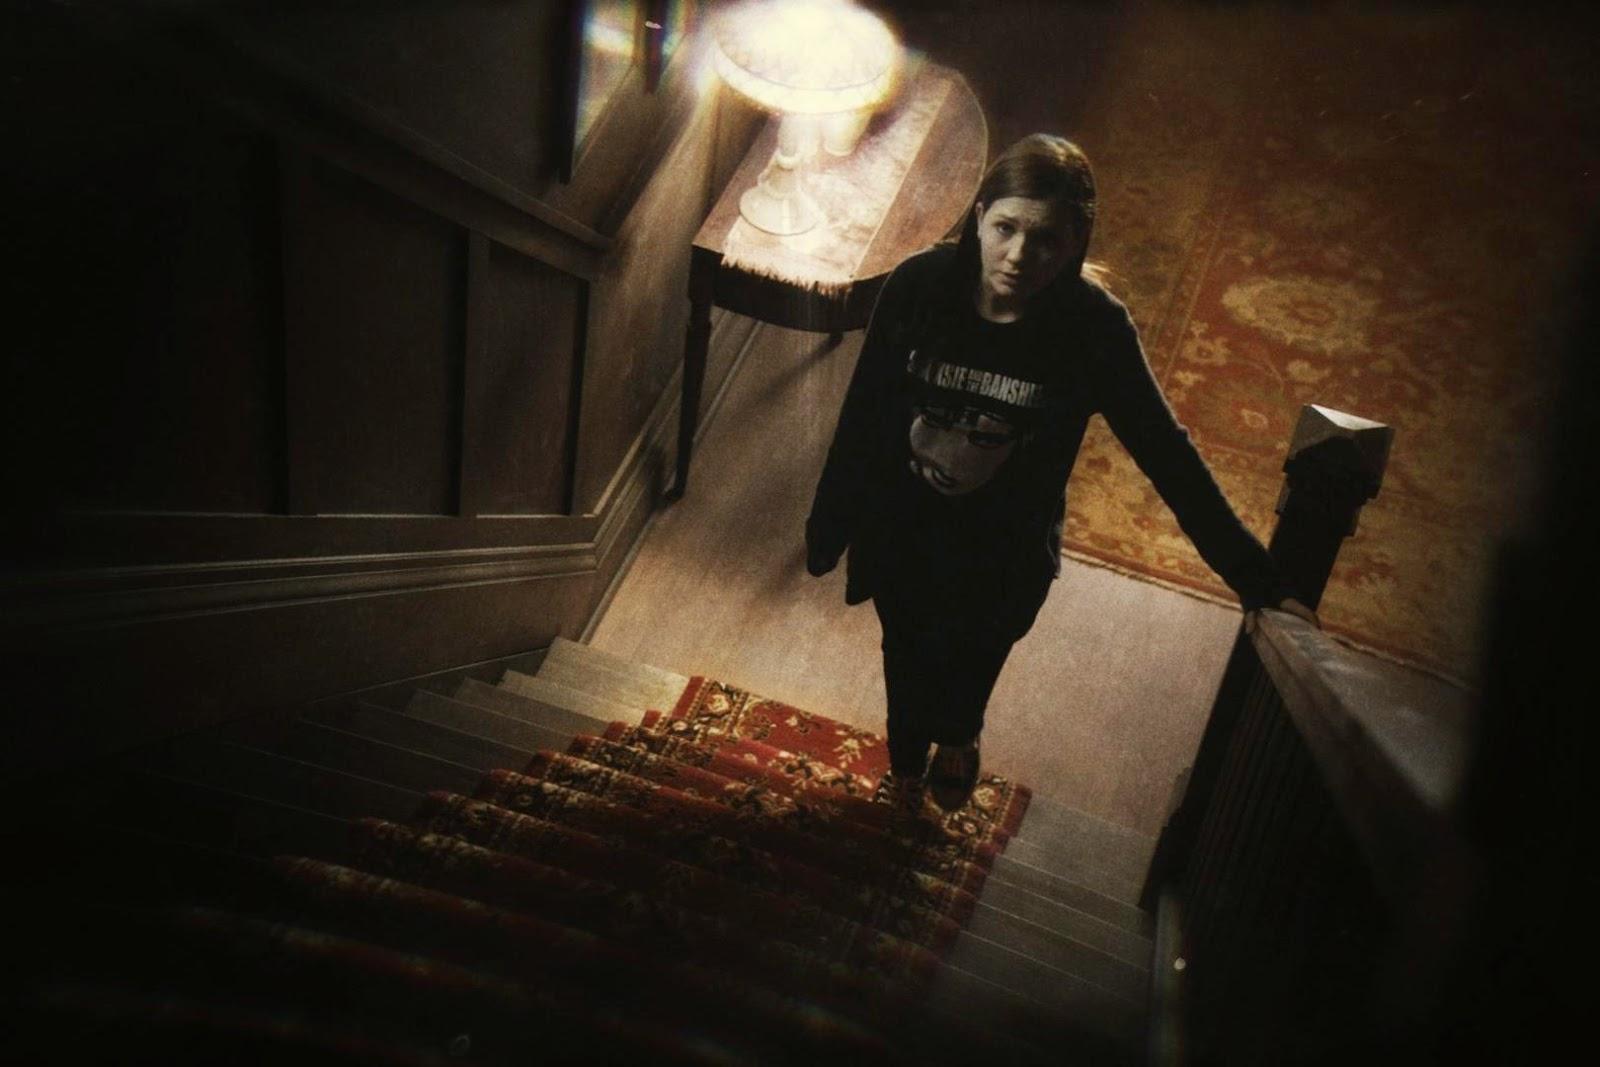 La cinta nos narra la historia de Lisa Johnson, el fantasma de un adolescente que se da cuenta de que está muerta